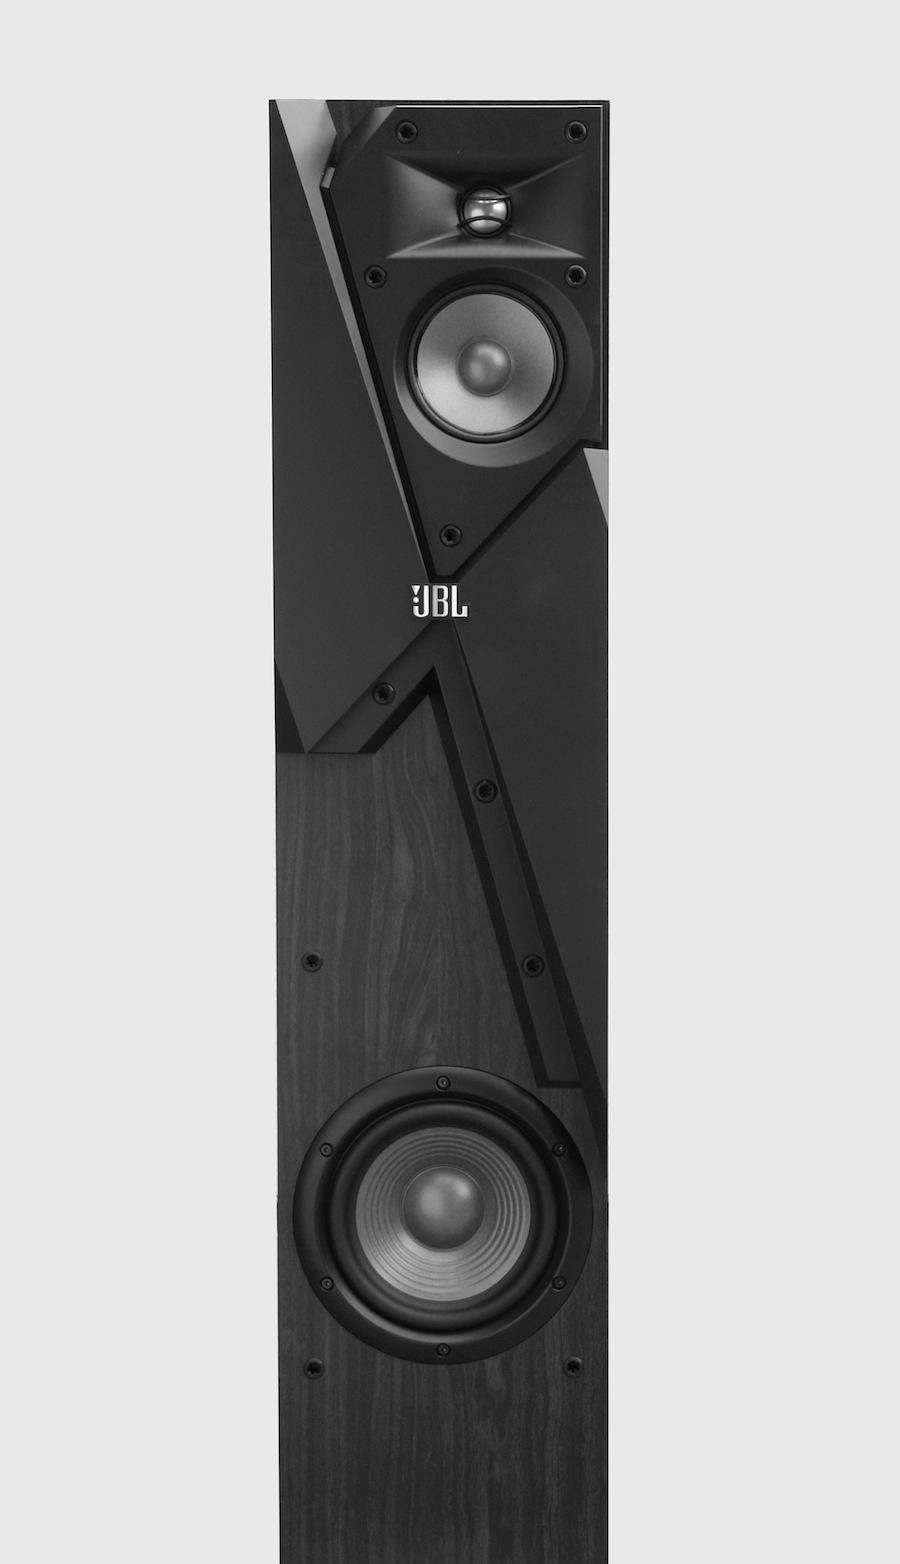 jbl tower speakers. review: jbl studio 180 tower speaker page 3 jbl speakers